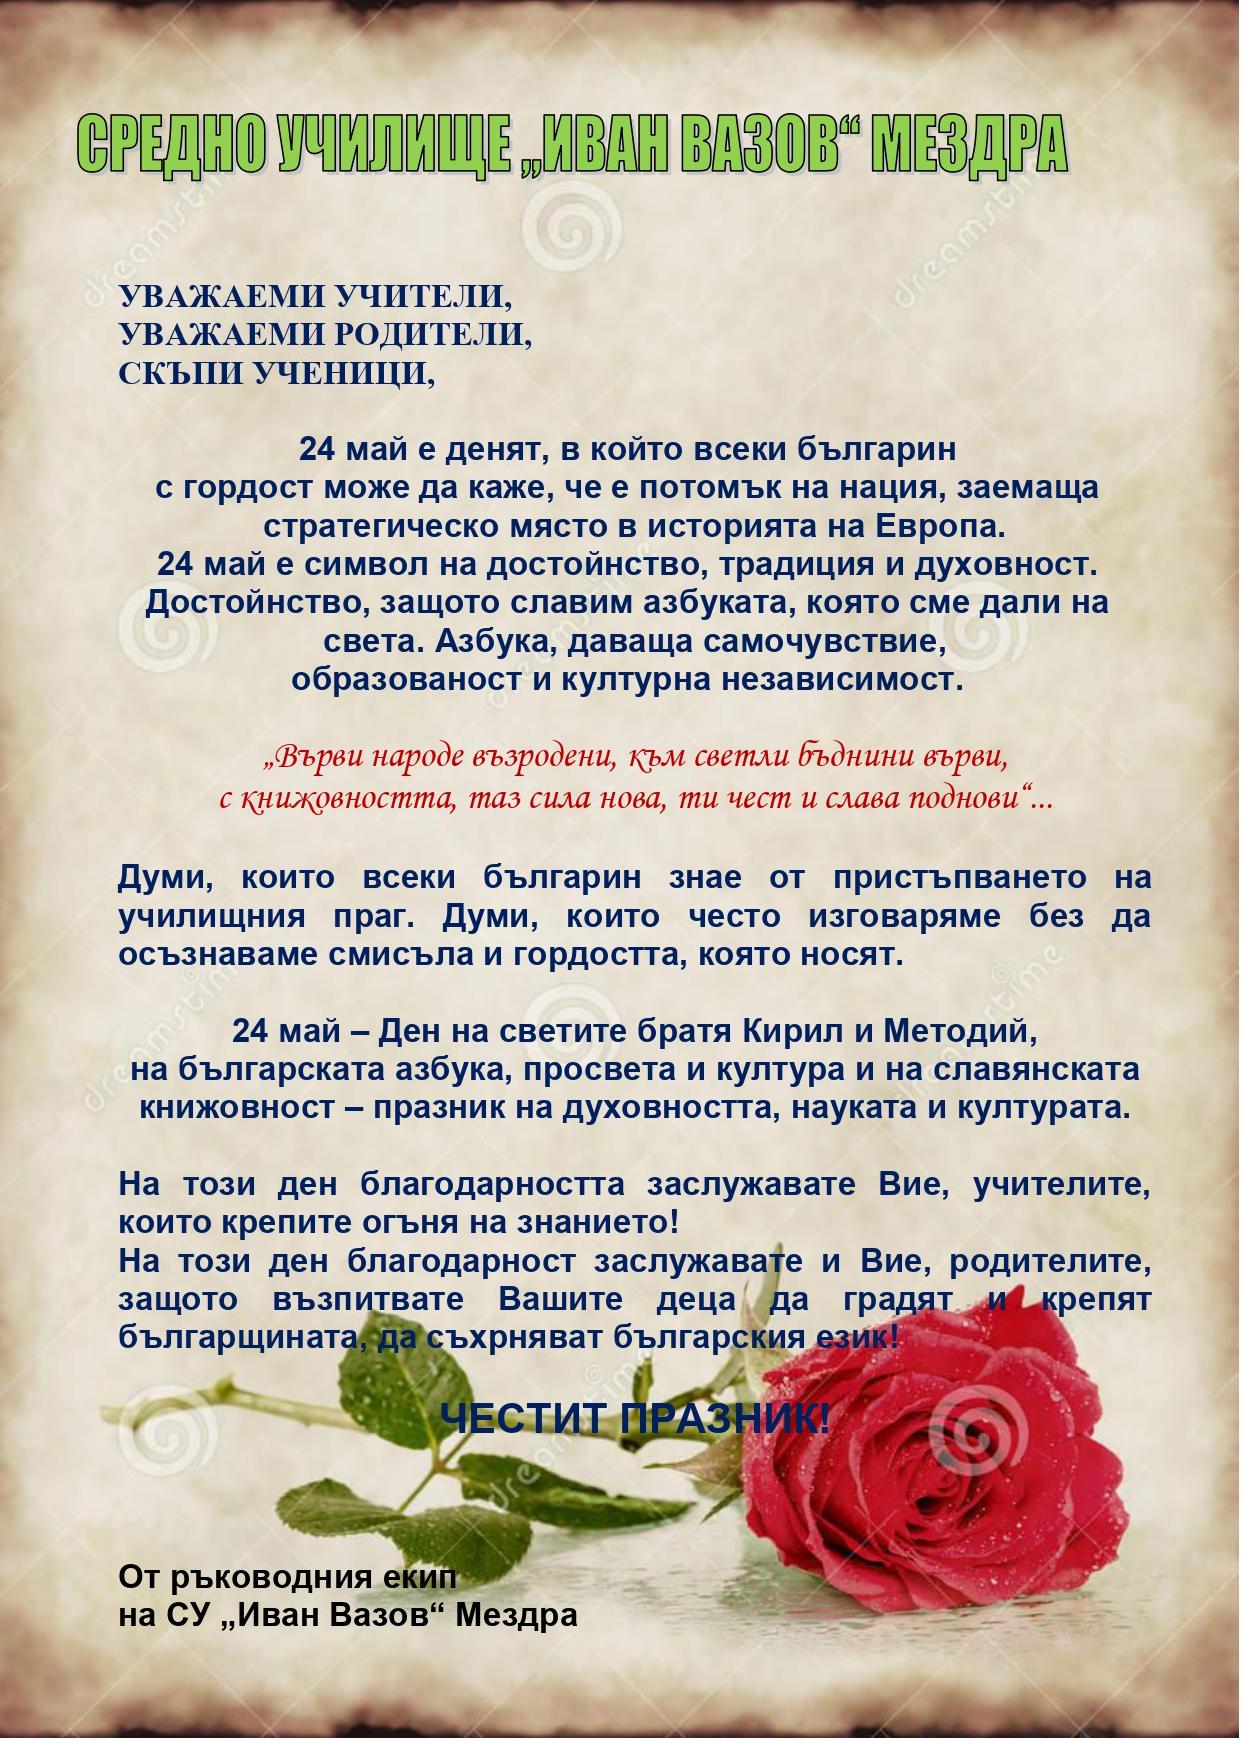 ЧЕСТИТ ПРАЗНИК – 24 МАЙ!